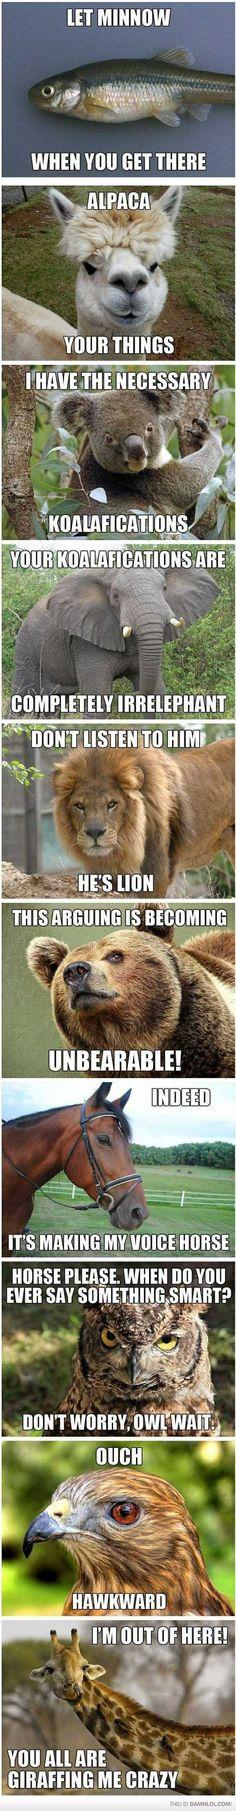 hahahaha. hawkward.